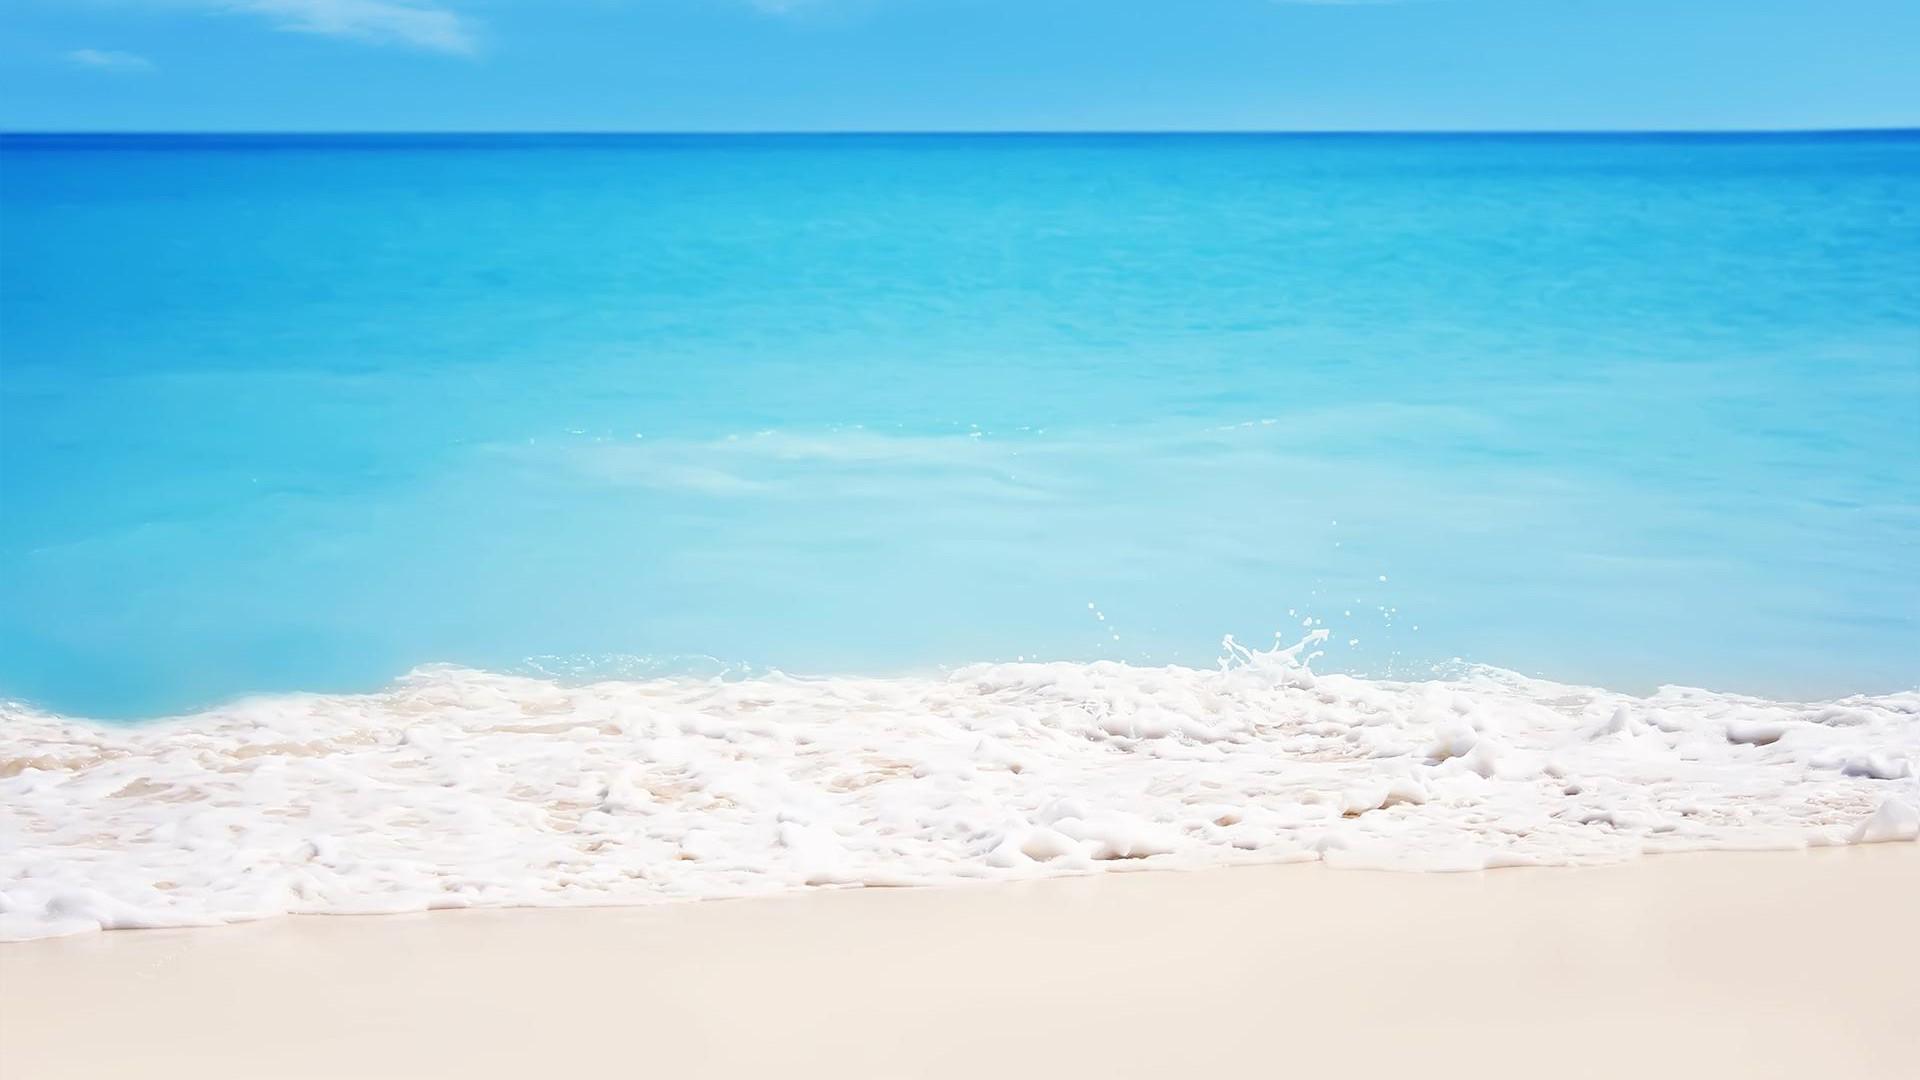 sand wallpaper beautiful photos - photo #22